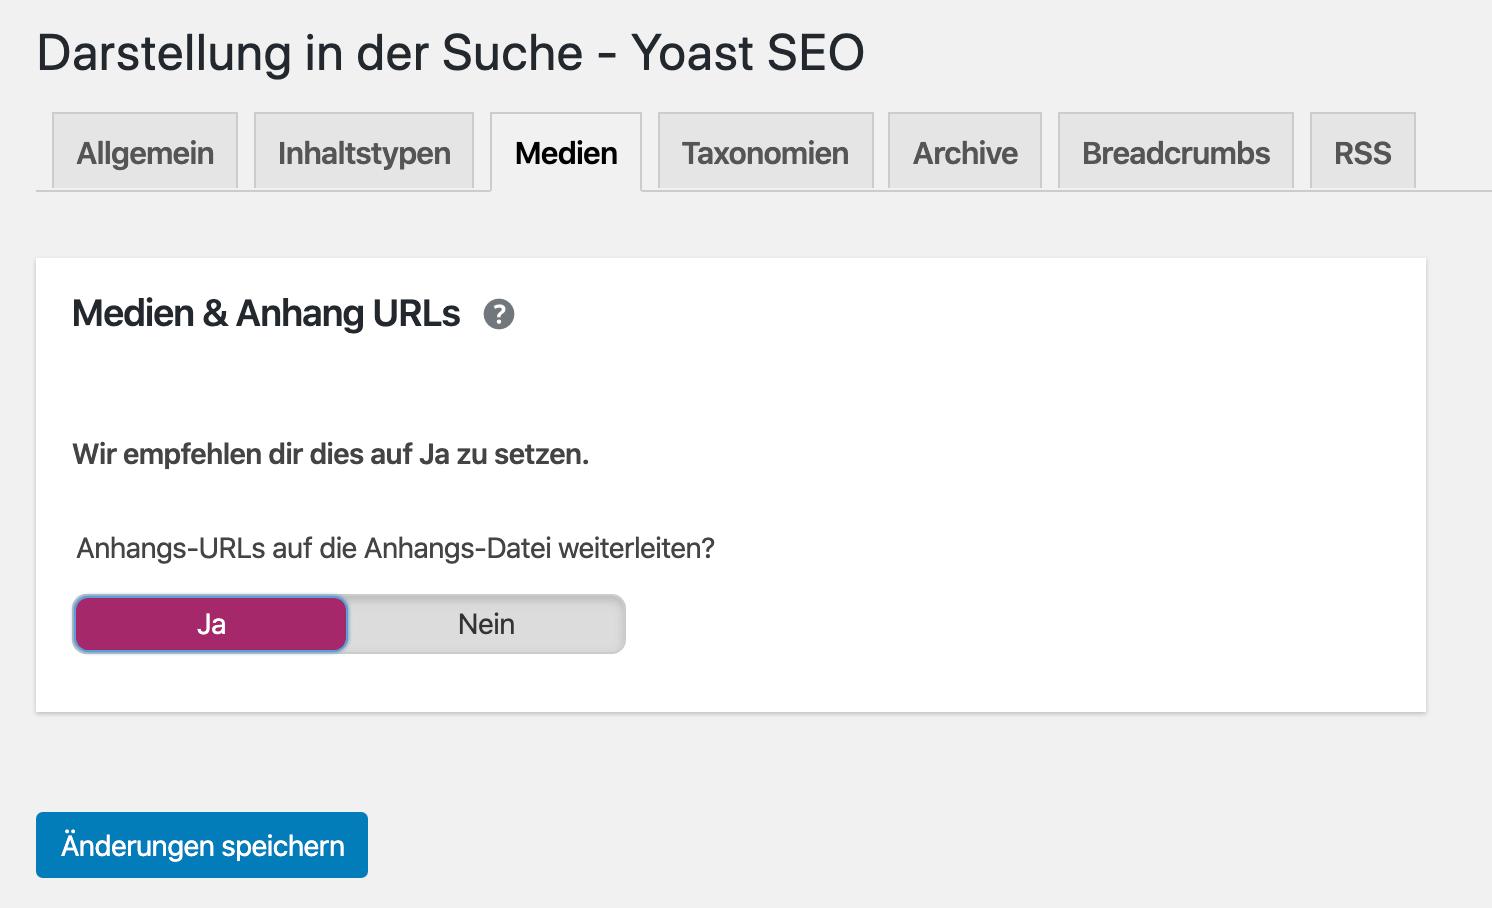 Seiten ohne Mehrwert vermeiden - Anhangs-URL auf die Anhangs-Datei weiterleiten